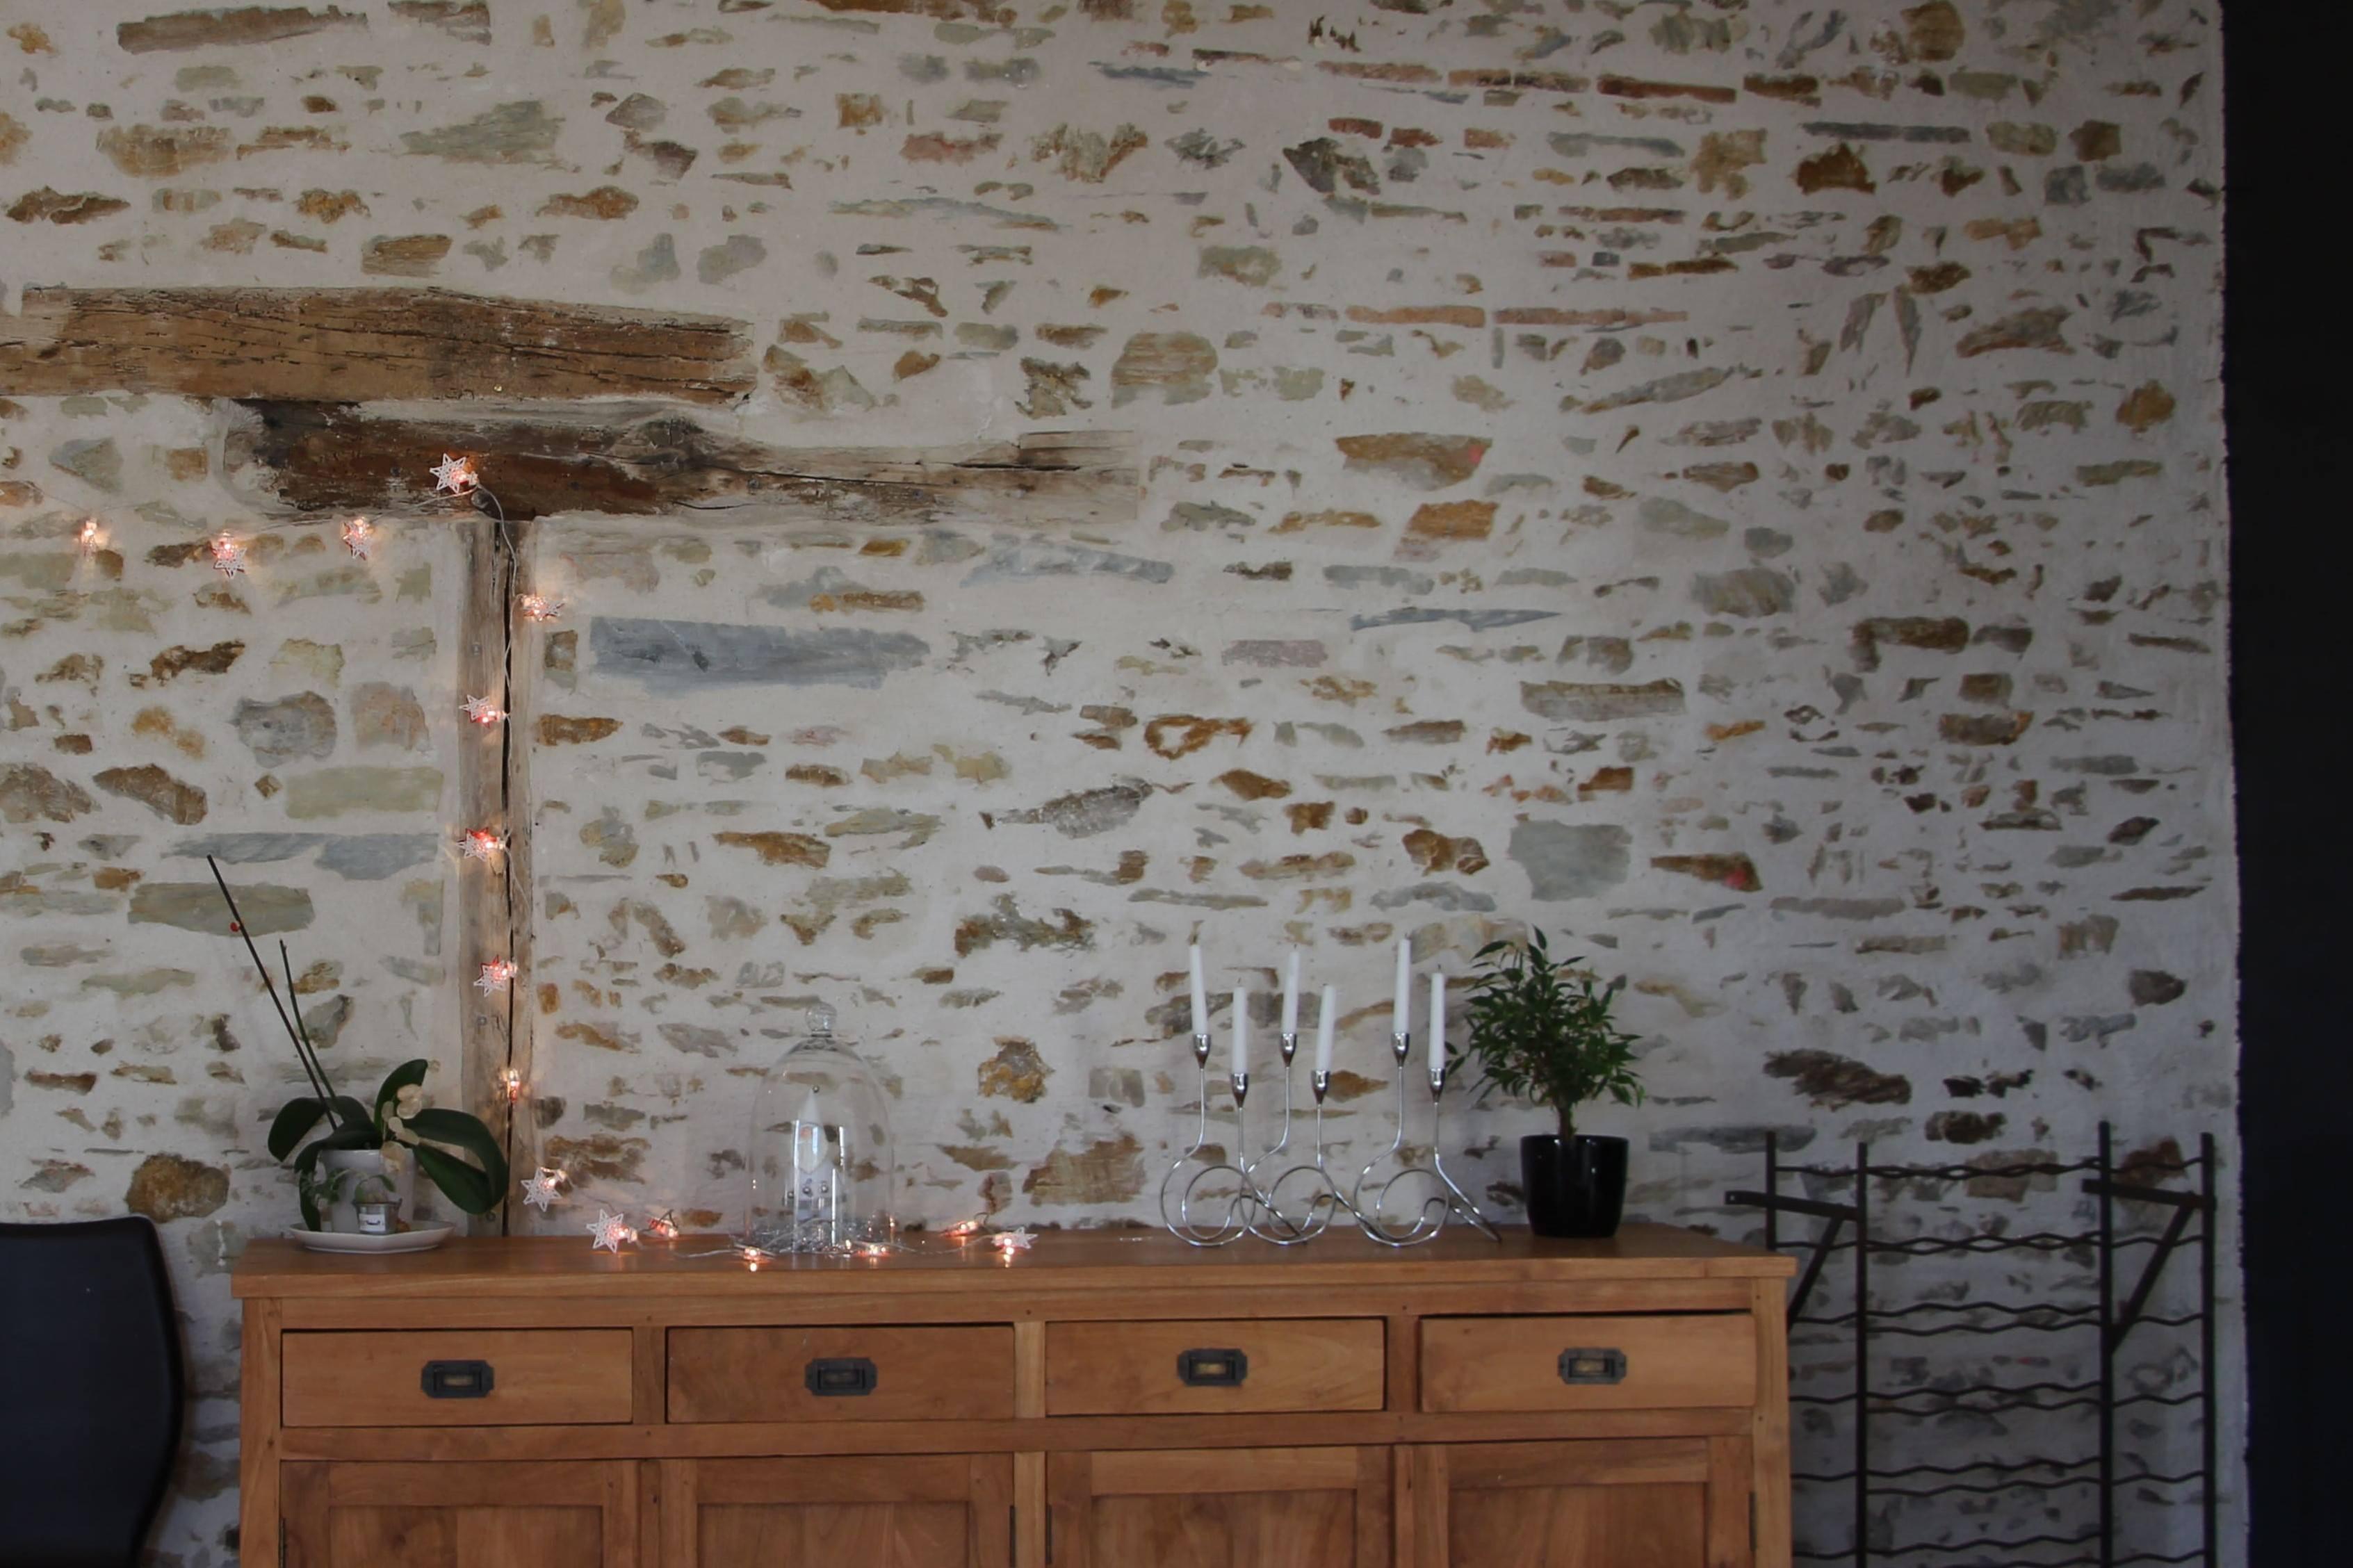 Peindre Mur Pierre Exterieur mur en pierre apparente : comment enduire son mur intérieur